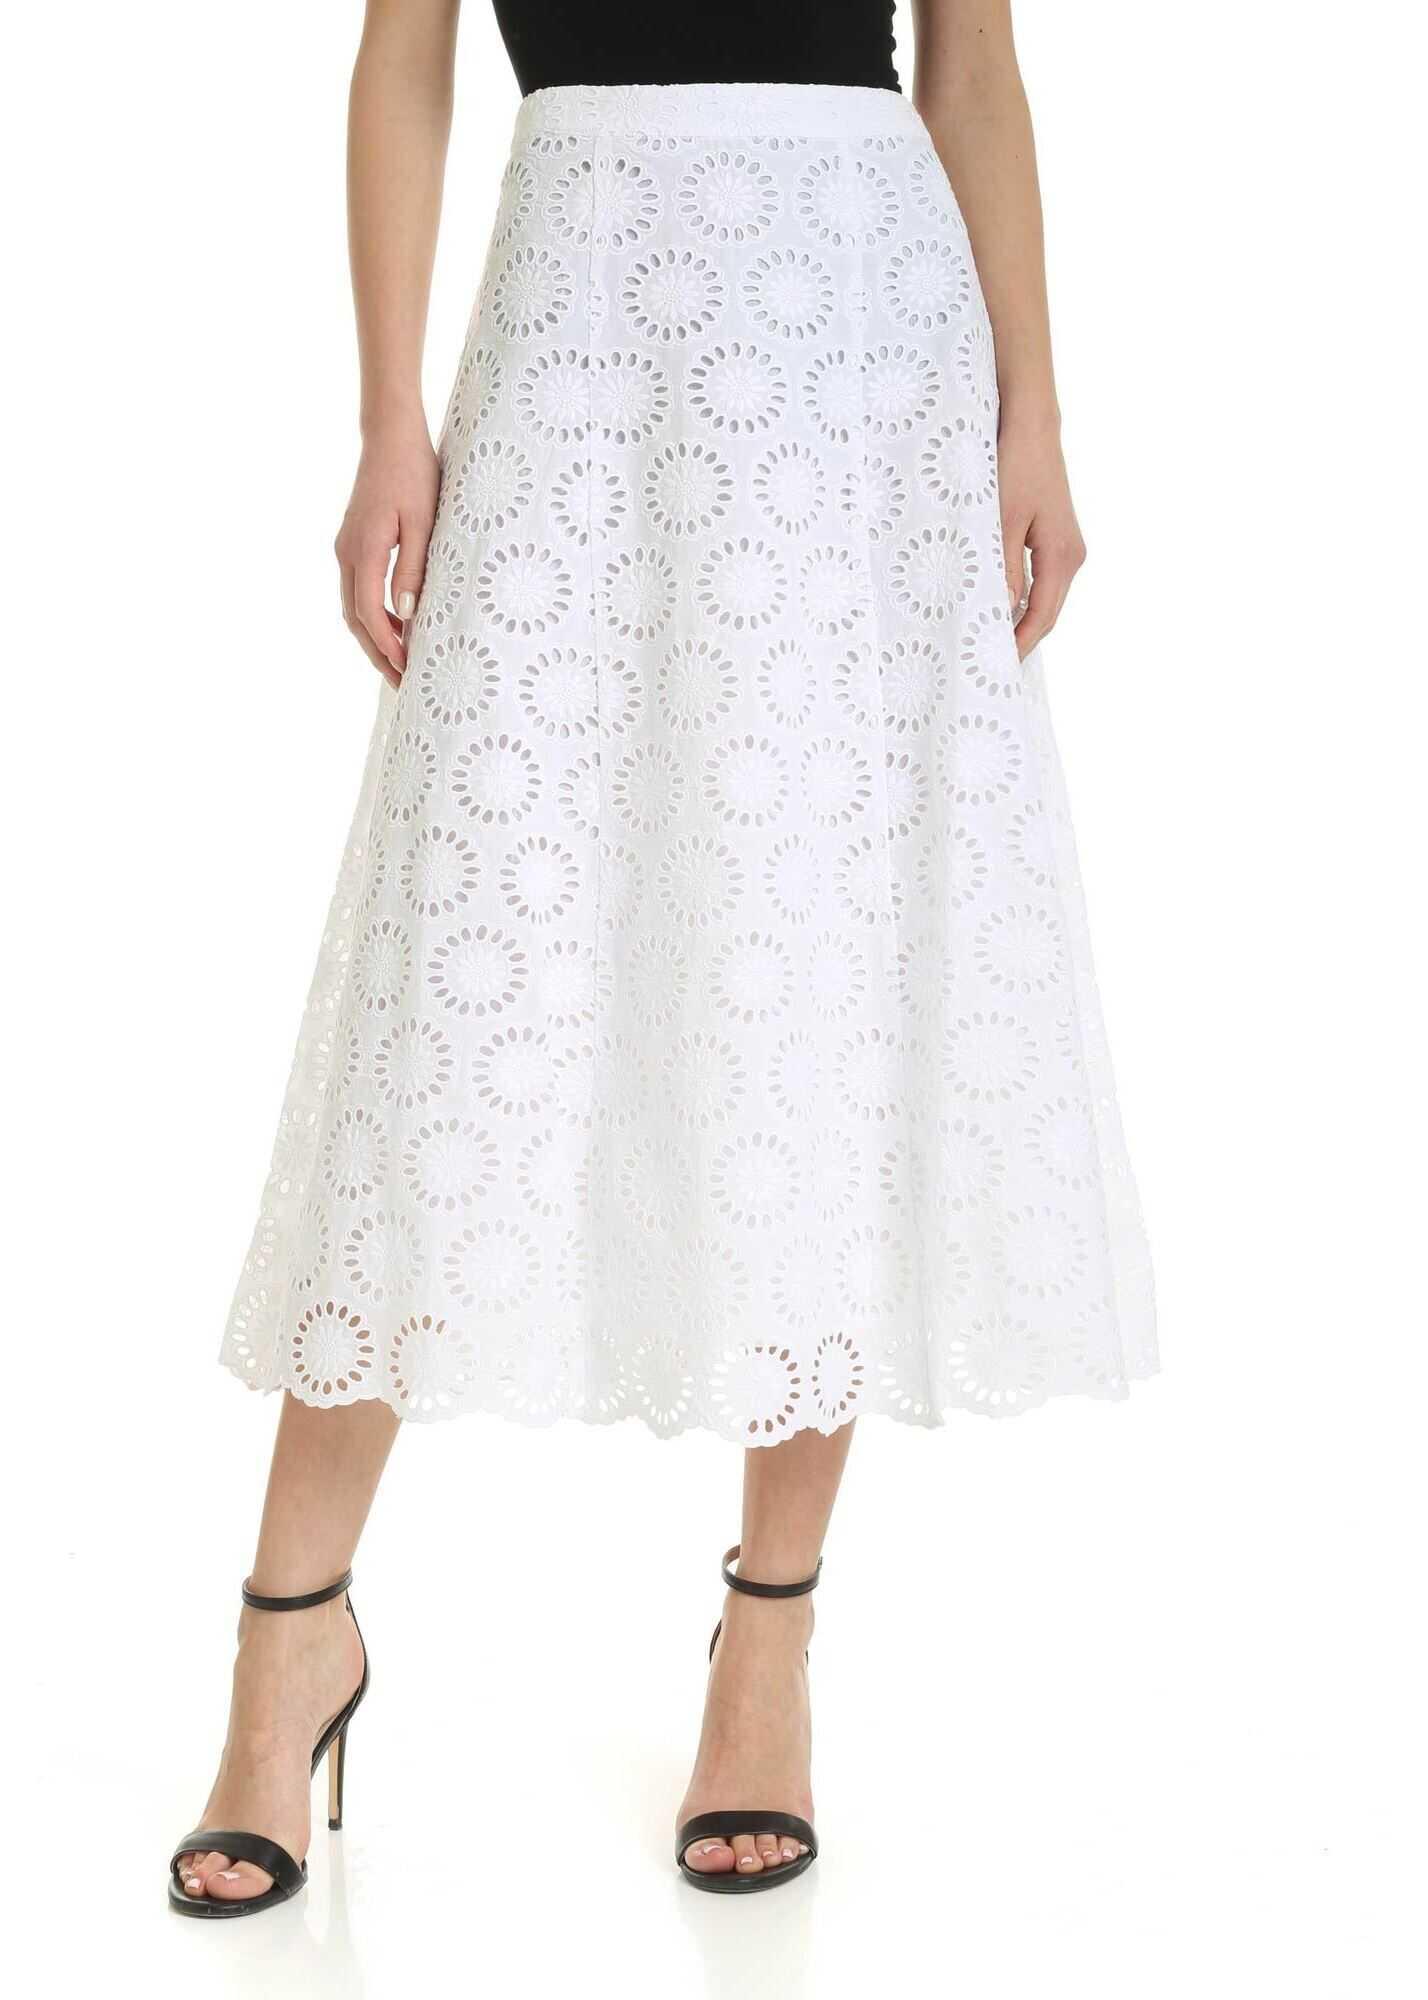 Michael Kors Sangallo Midi Skirt In White White